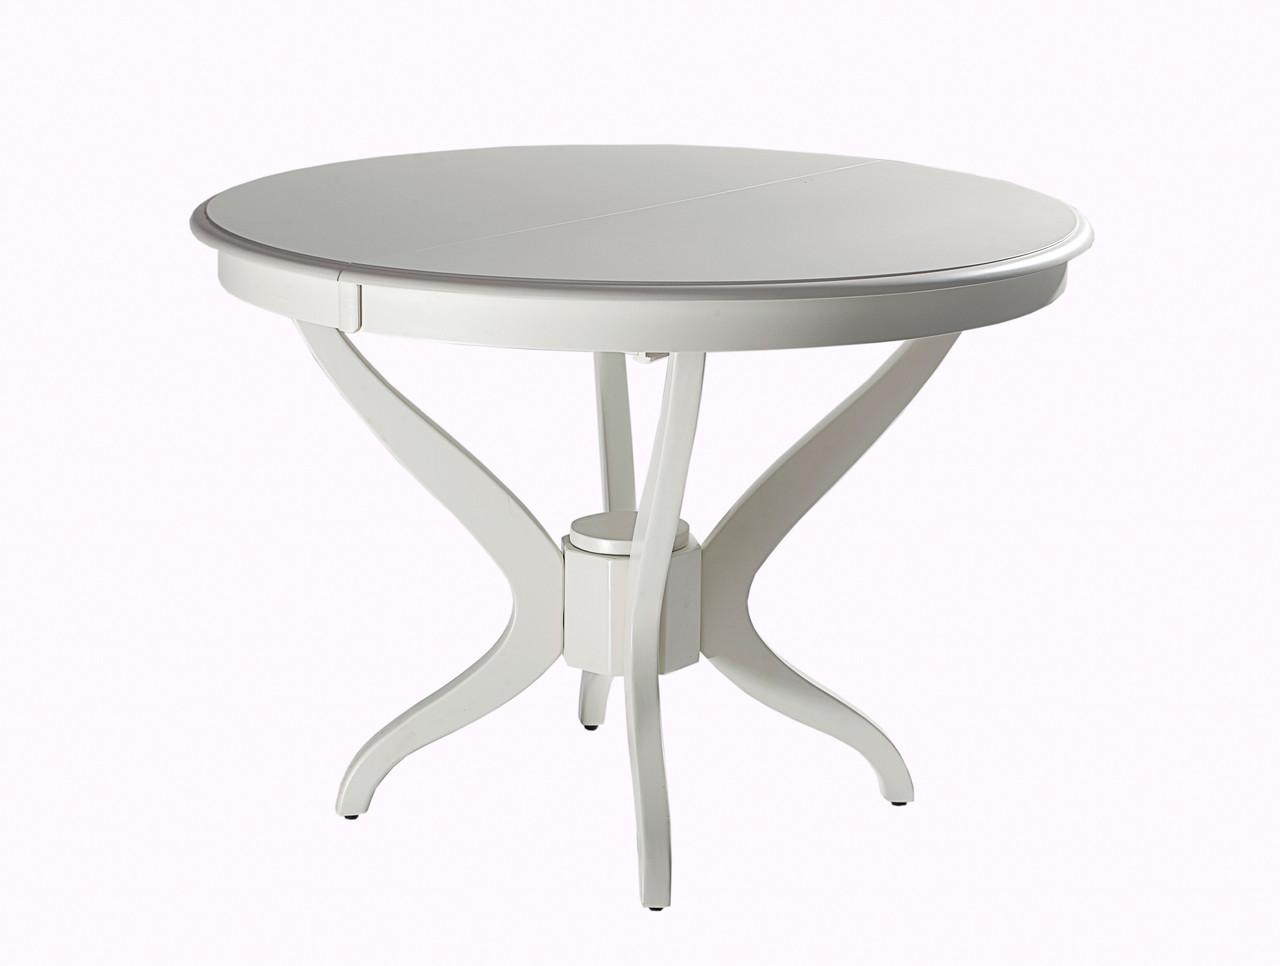 Стол обеденный Доминика раскладной 150-190х90 Айвори лайт (Domini TM), фото 1